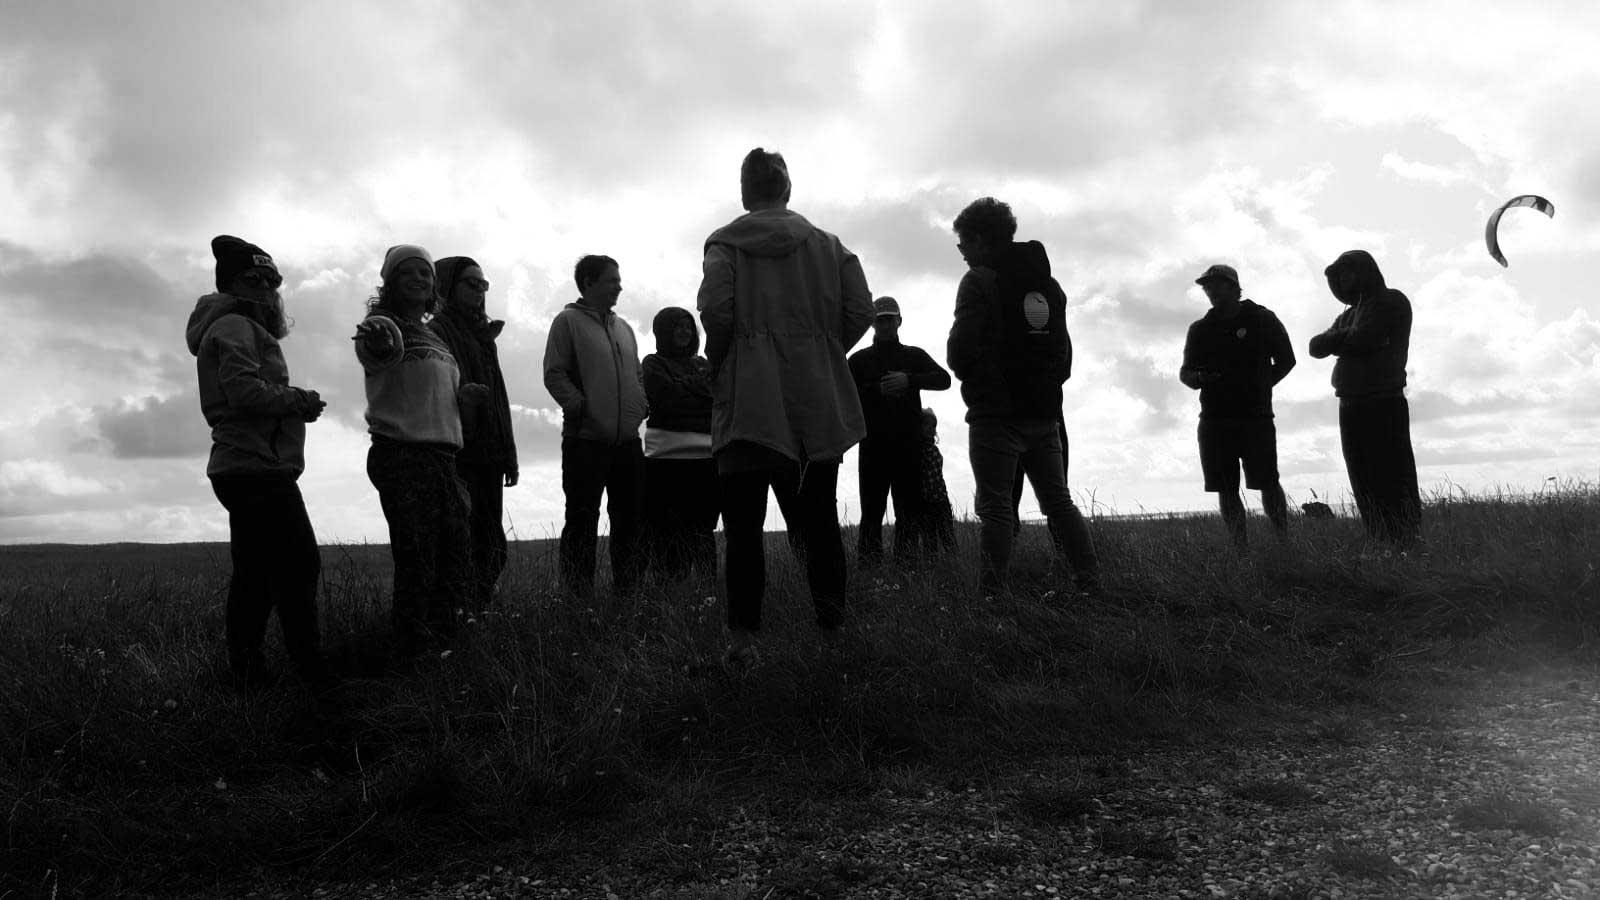 Teamfoto beim Landkiten